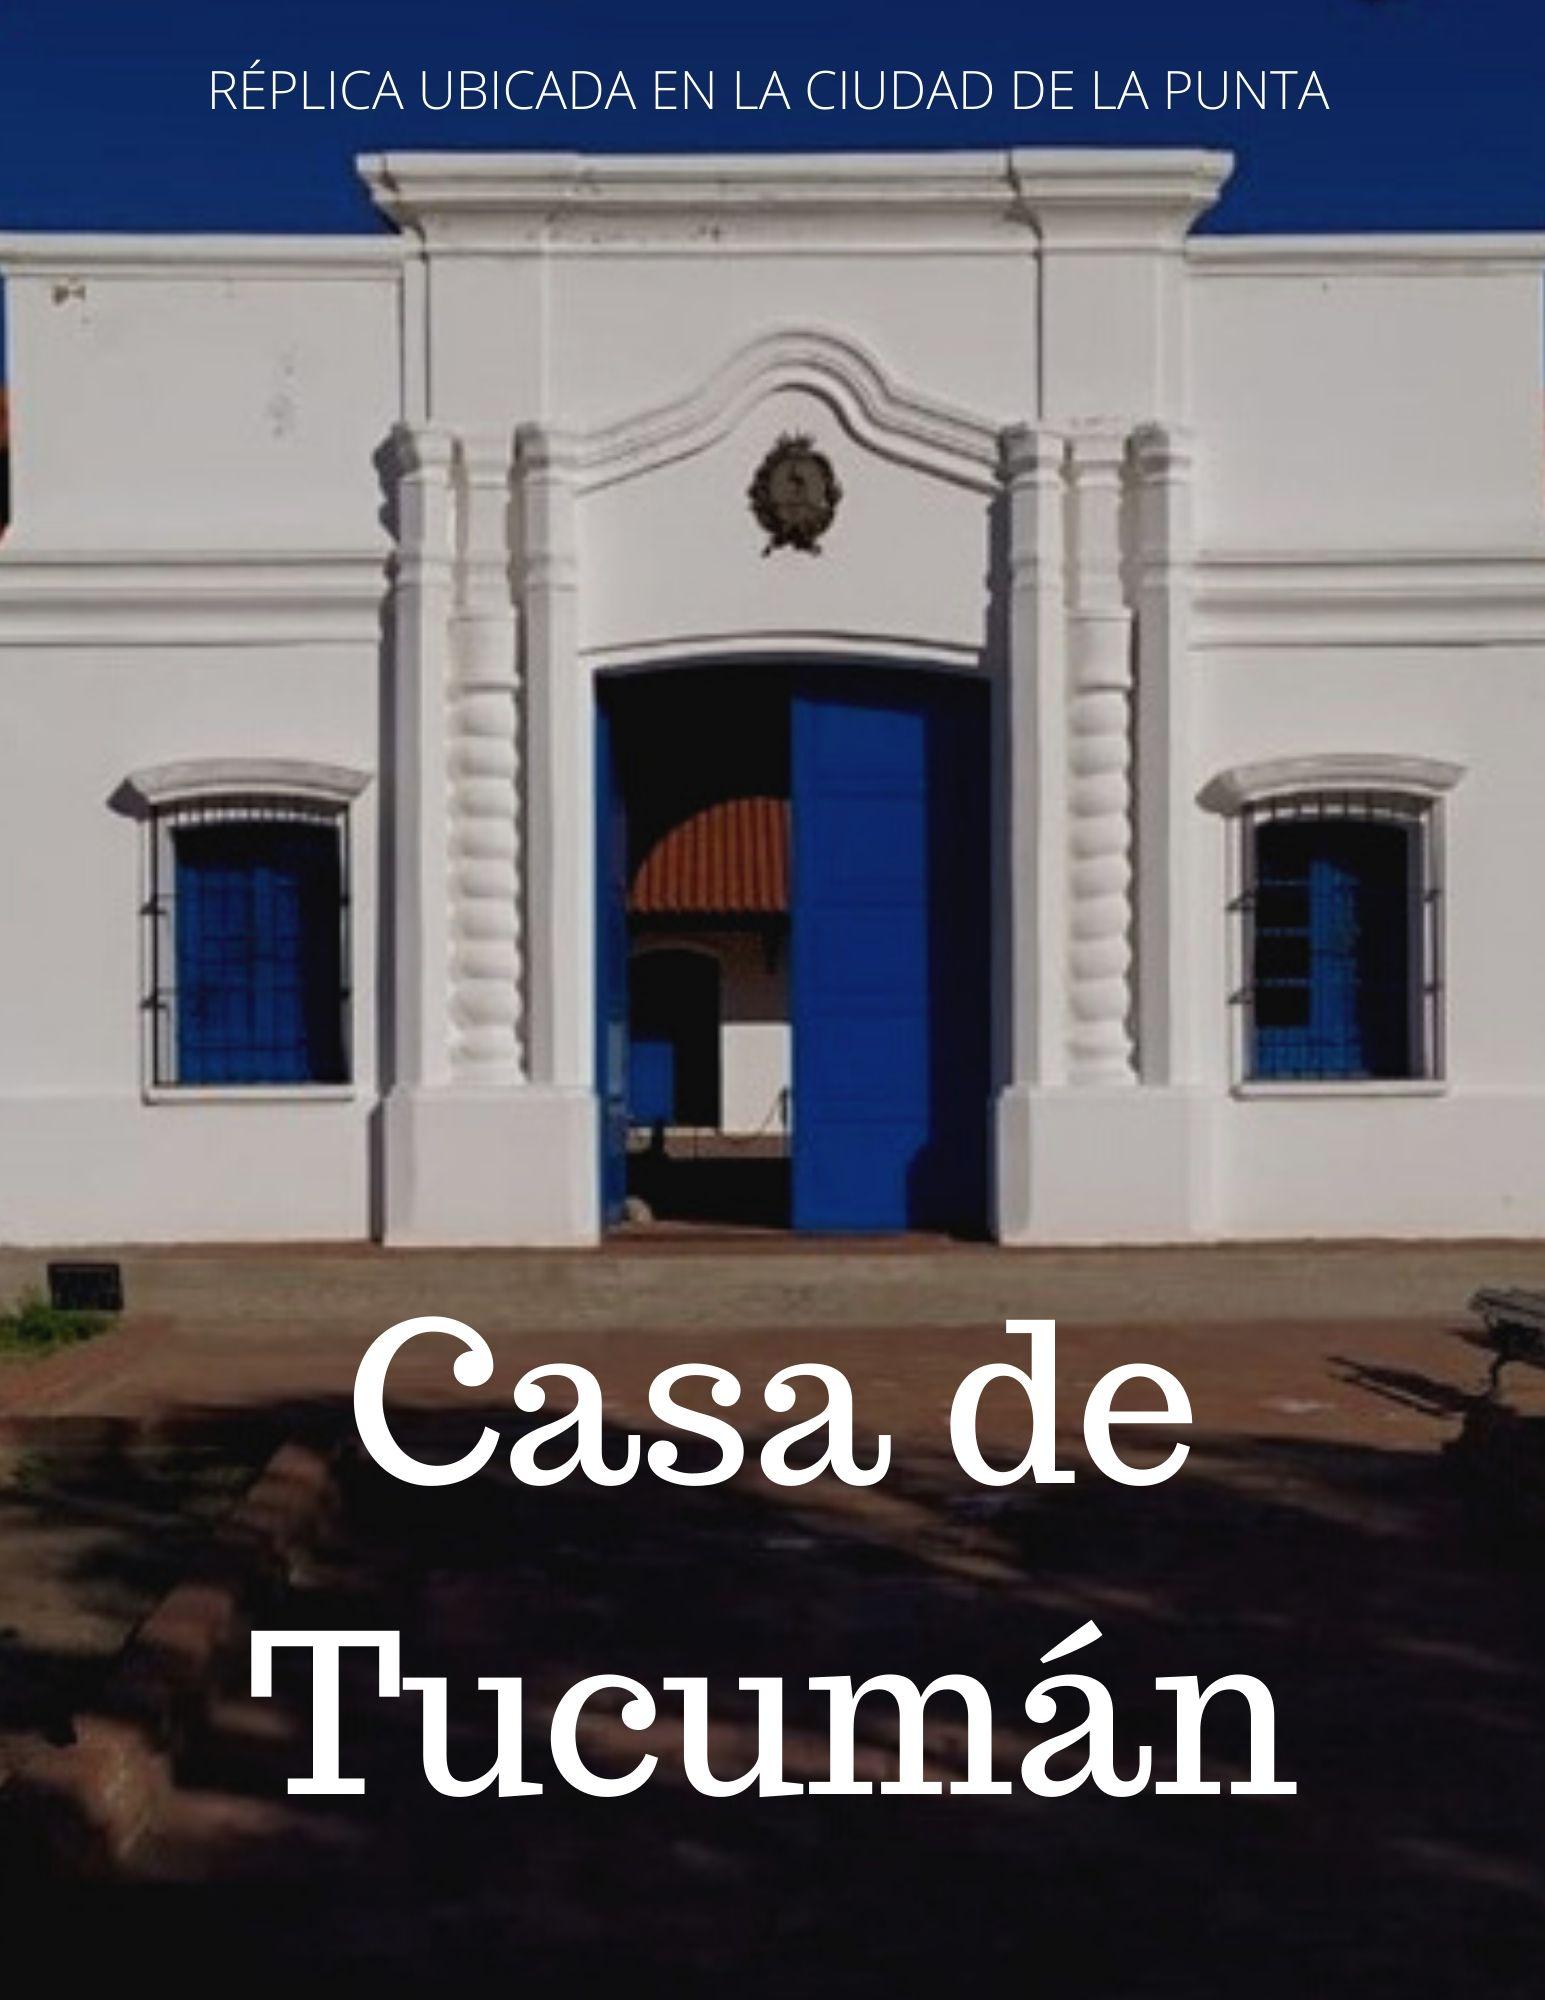 Réplica de la Casa de Tucumán